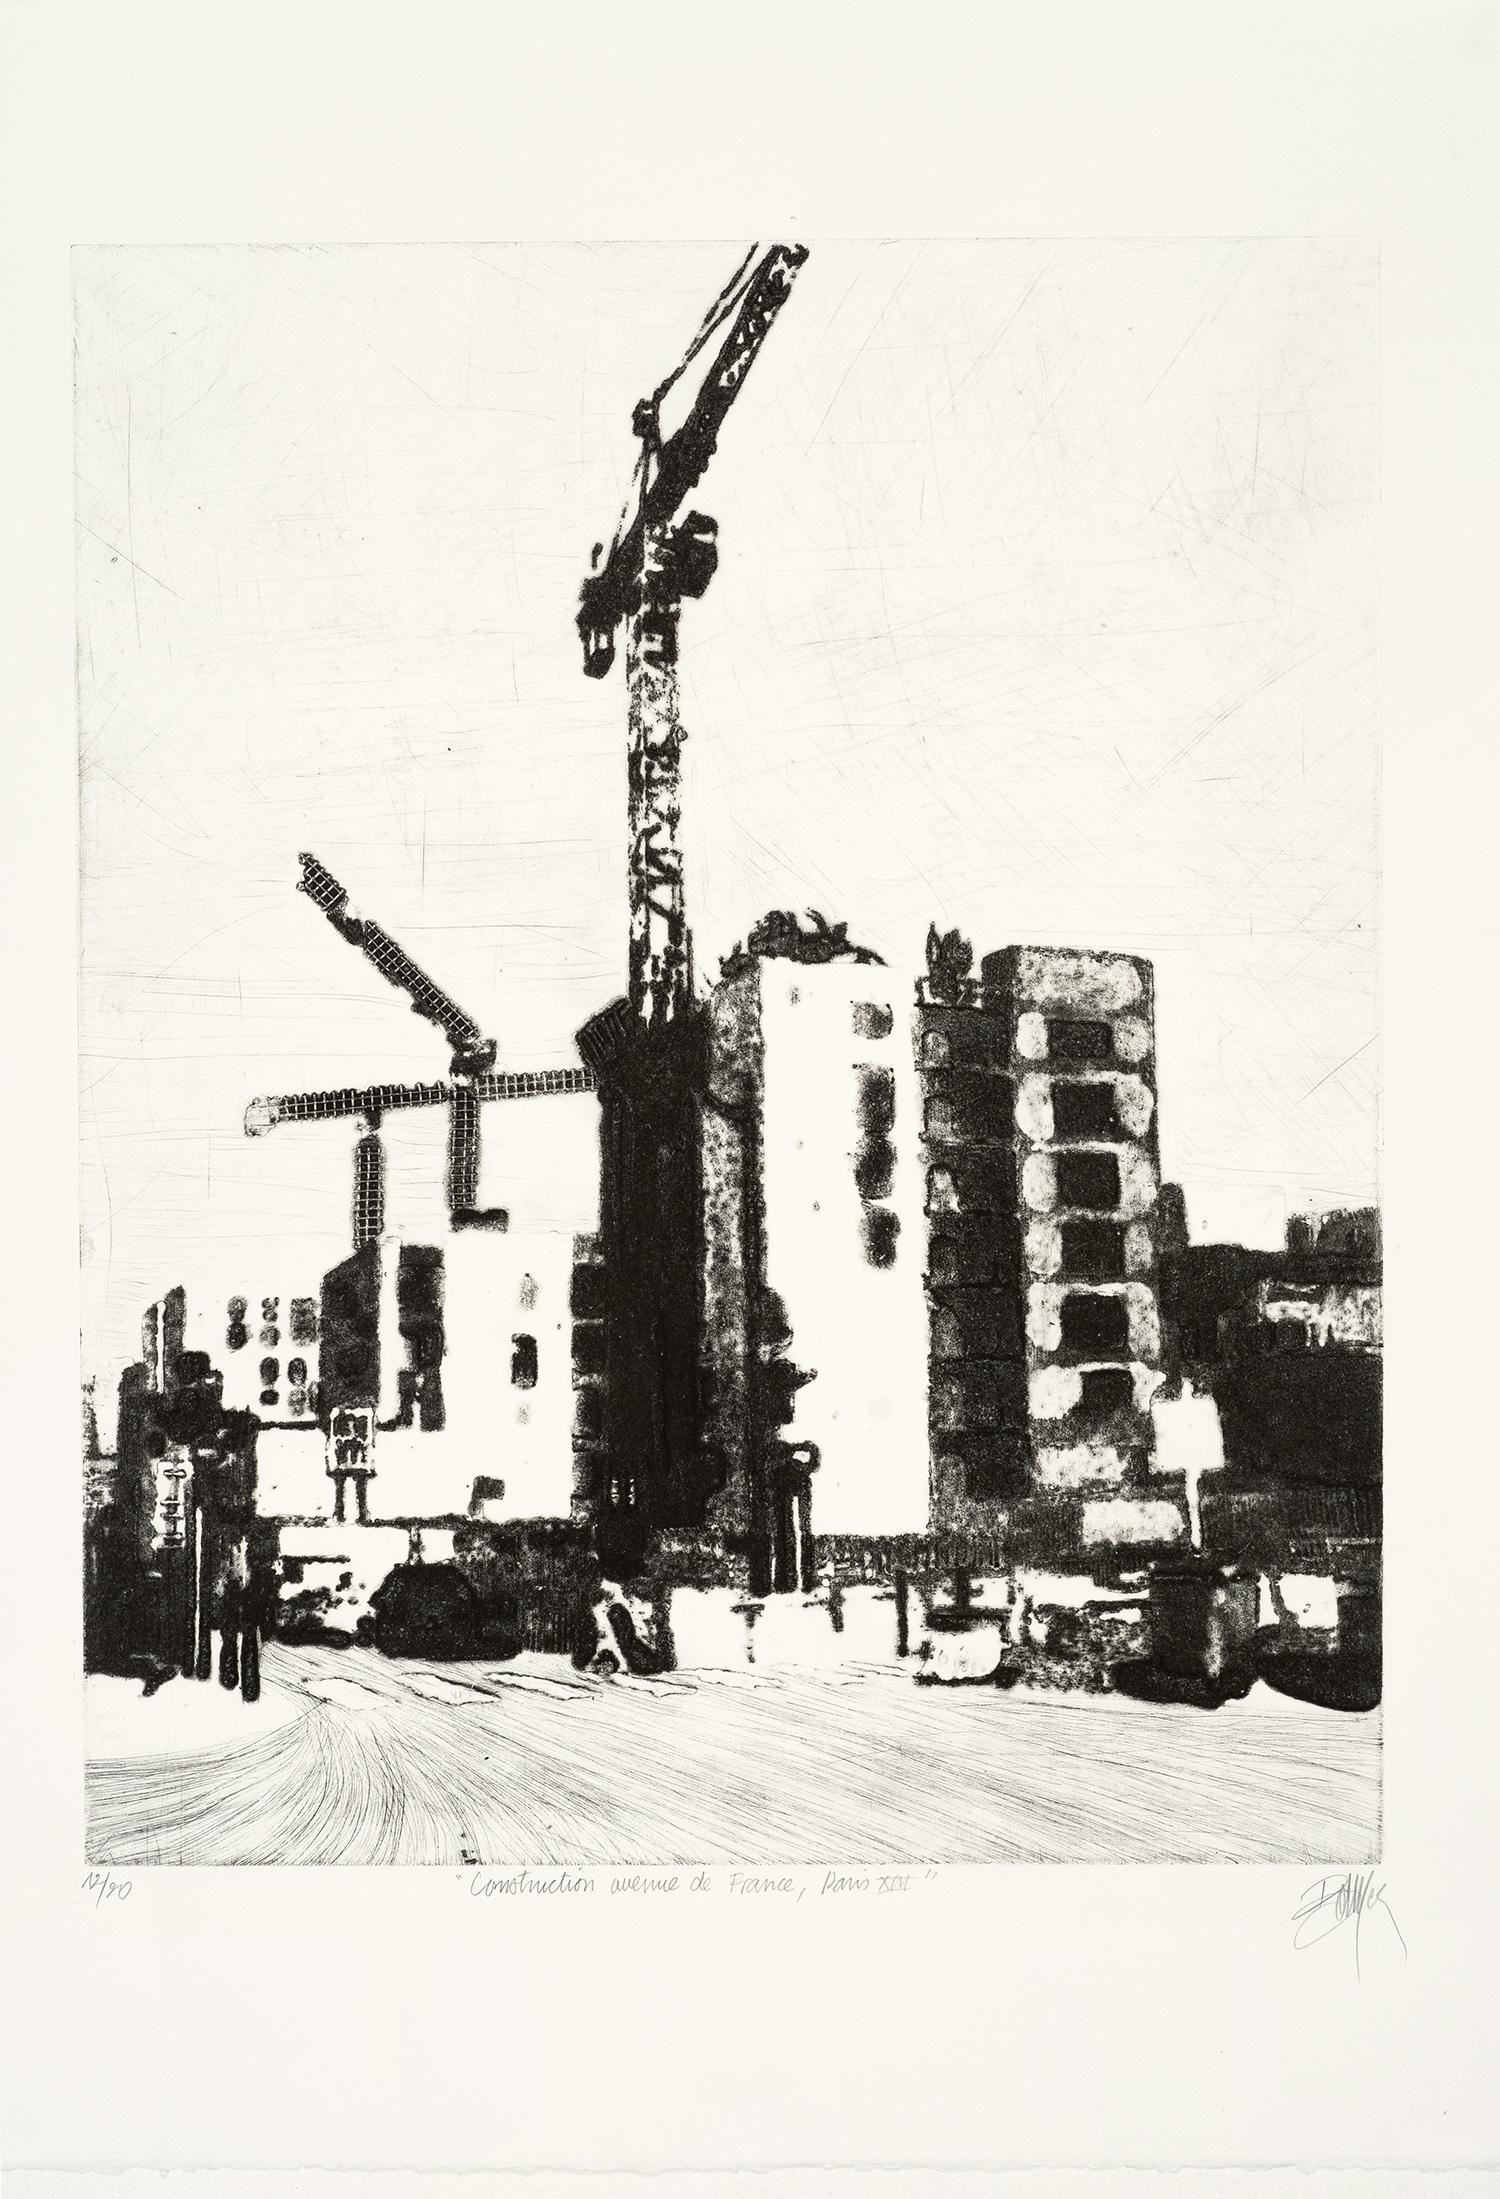 construction-av-de-france-paris-xiii